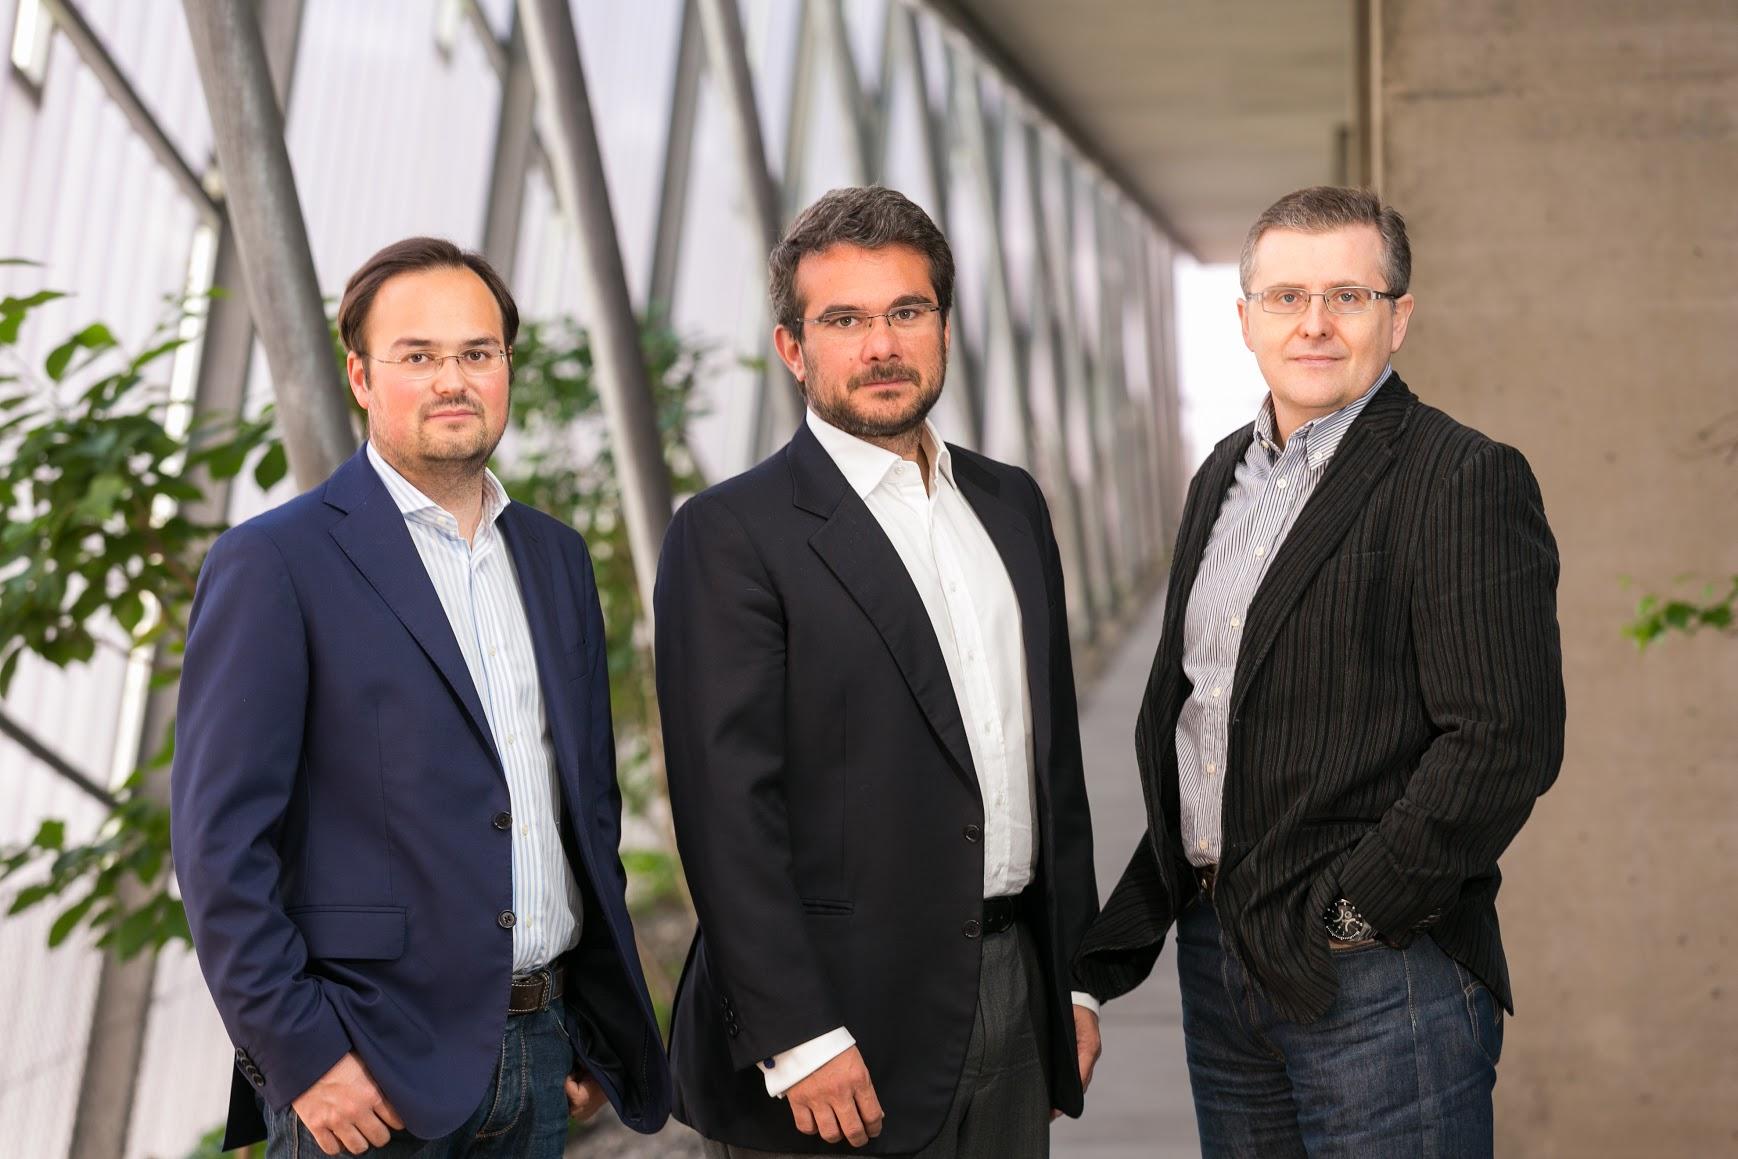 Die Gründer von USound: Jörg Schönbacher, Andrea Rusconi-Clerici und Ferruccio Bottoni. © USound